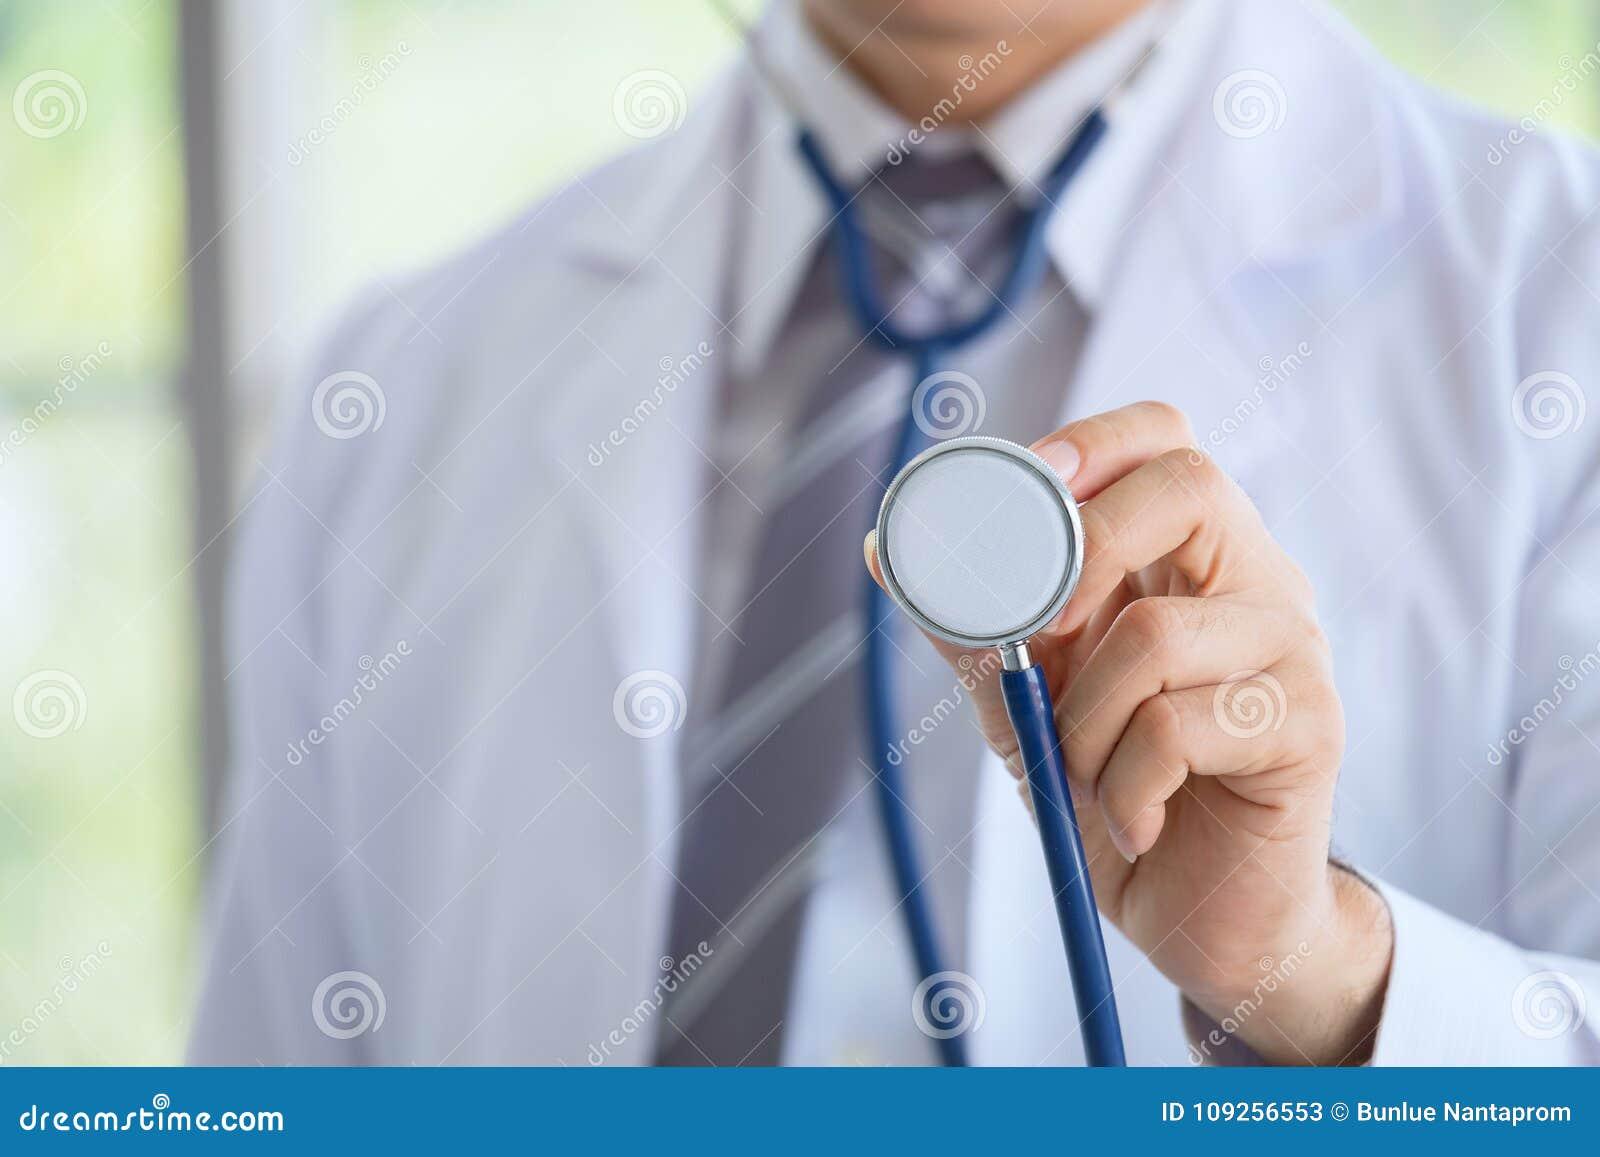 Γιατρός σε μια εσθήτα επιδέσμου με μια εξέταση στηθοσκοπίων